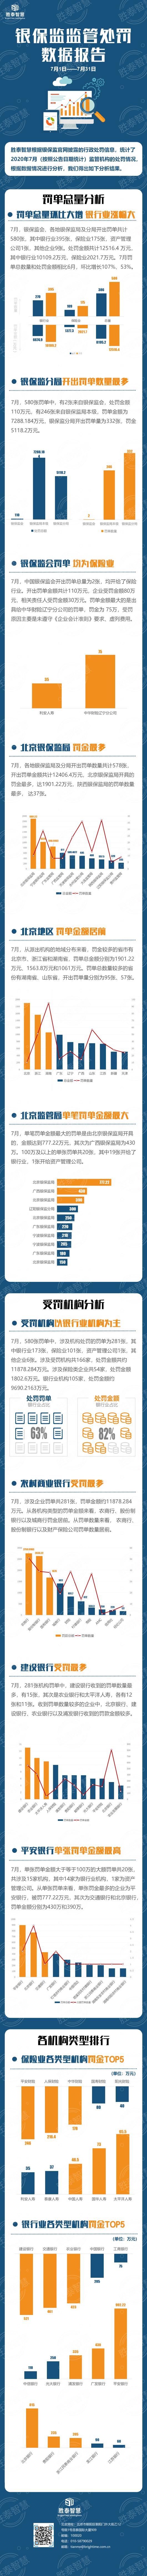 7月银保业处罚情况:罚单总量环比增107%,北京罚金最多